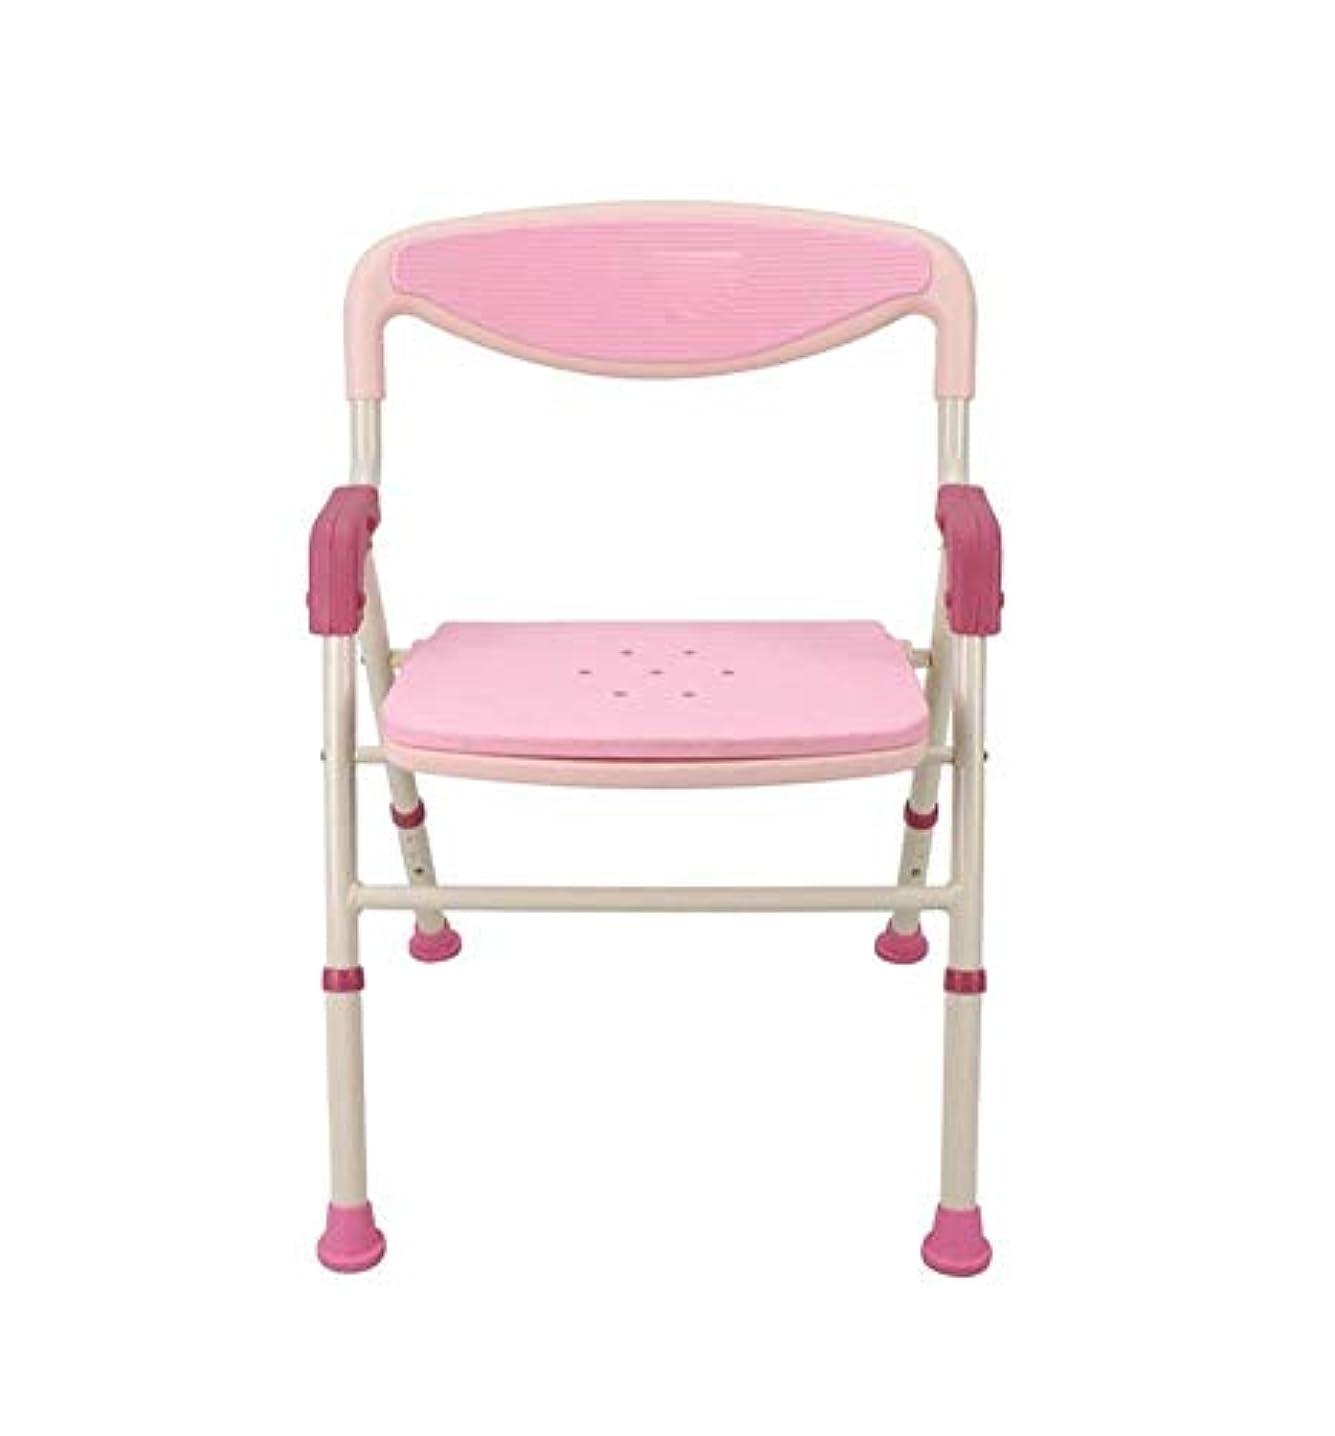 スリンク熱心キャンプトイレチェアハンディキャップ用折りたたみ椅子 (Color : ピンク)